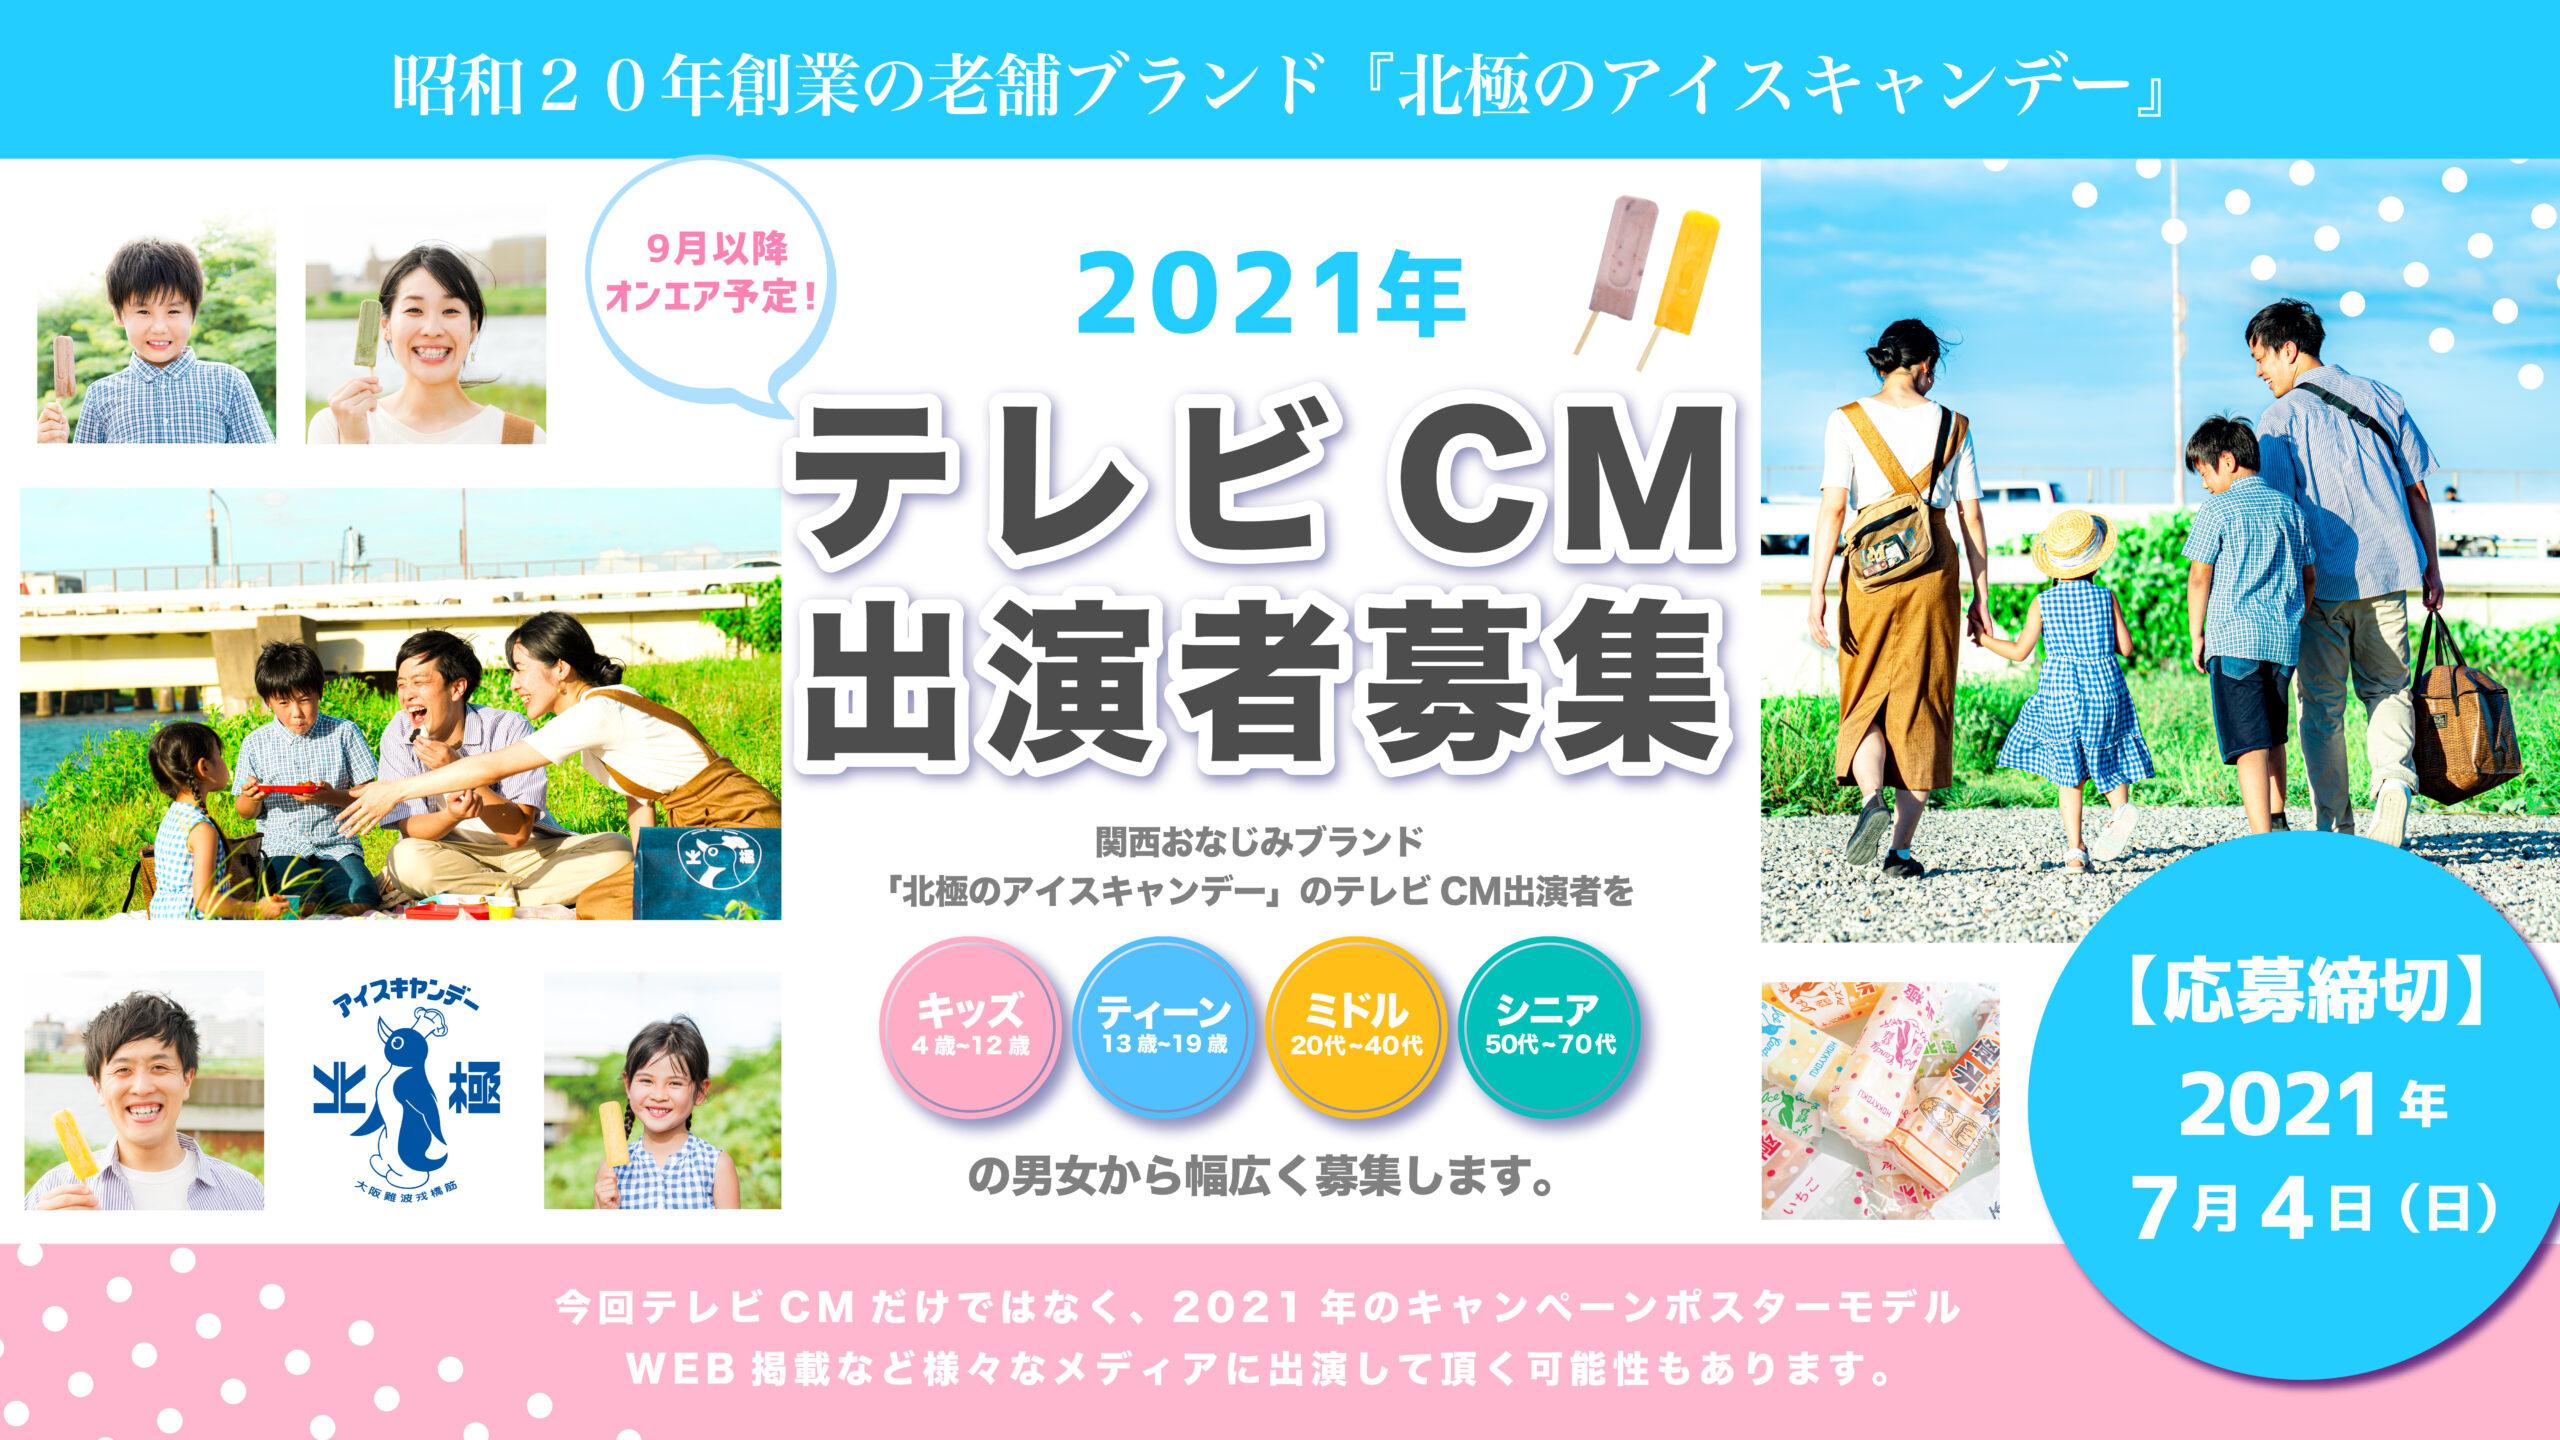 【CM完成】「北極のアイスキャンデー」2021年(家族編)CM